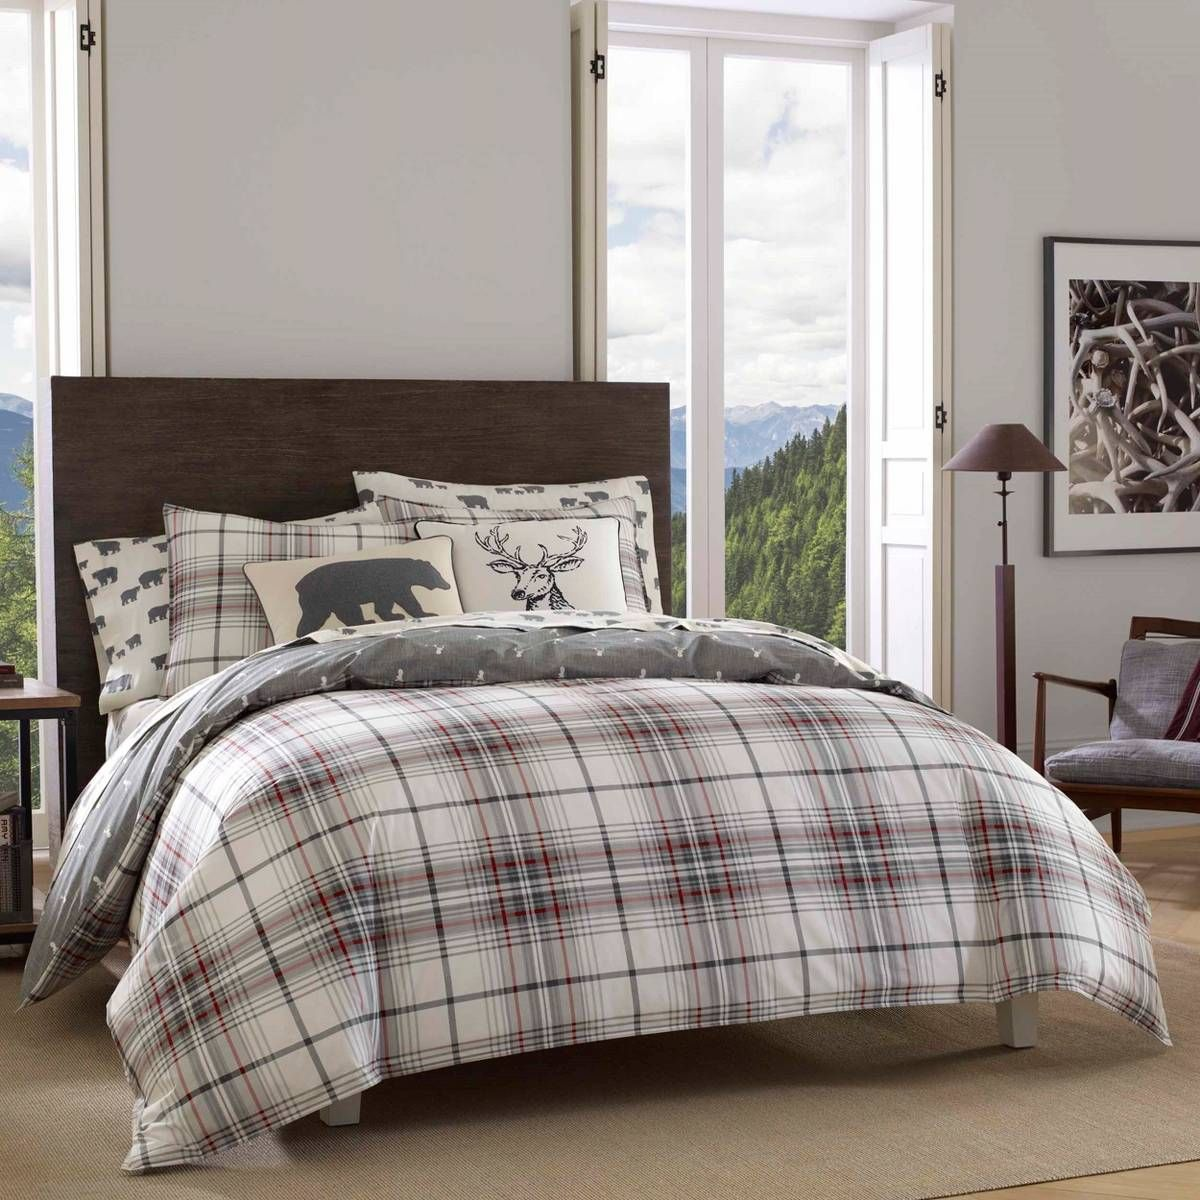 Charcoal Adler Plaid Comforter Set King Eddie Bauer